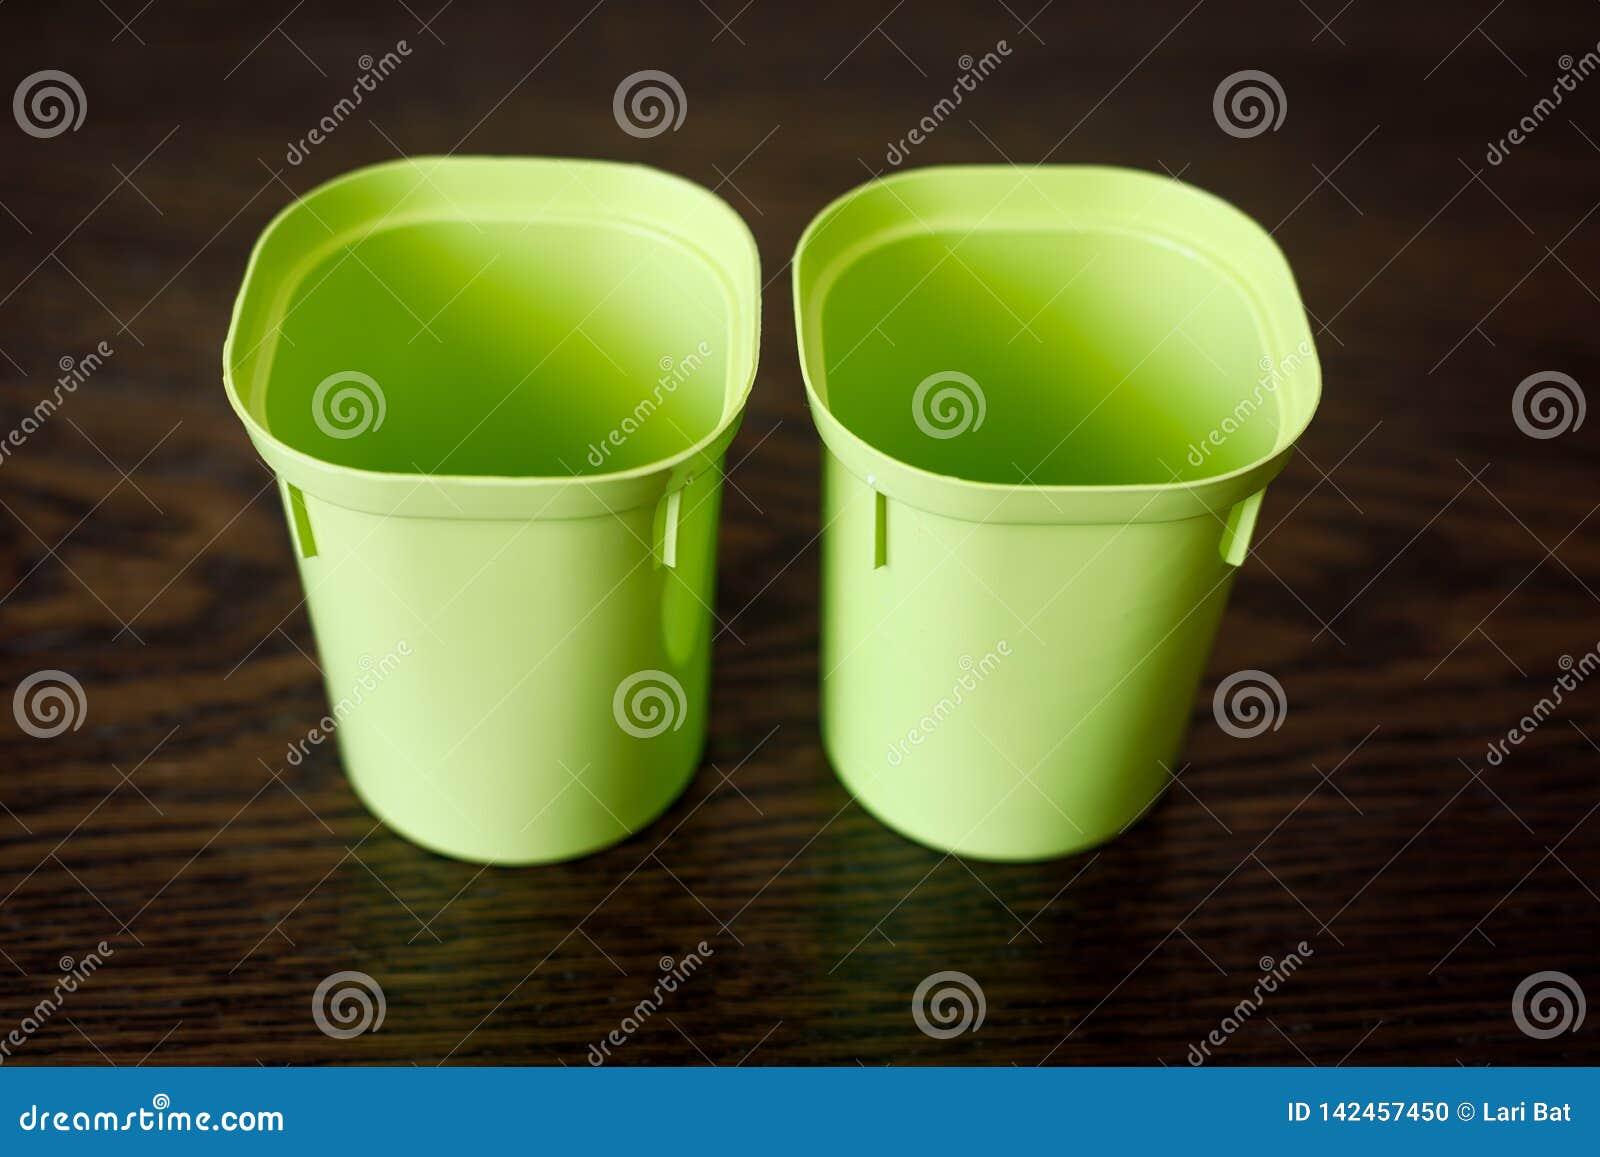 Twee lege plastic koppen voor zaailingen Bloementeeltpunten